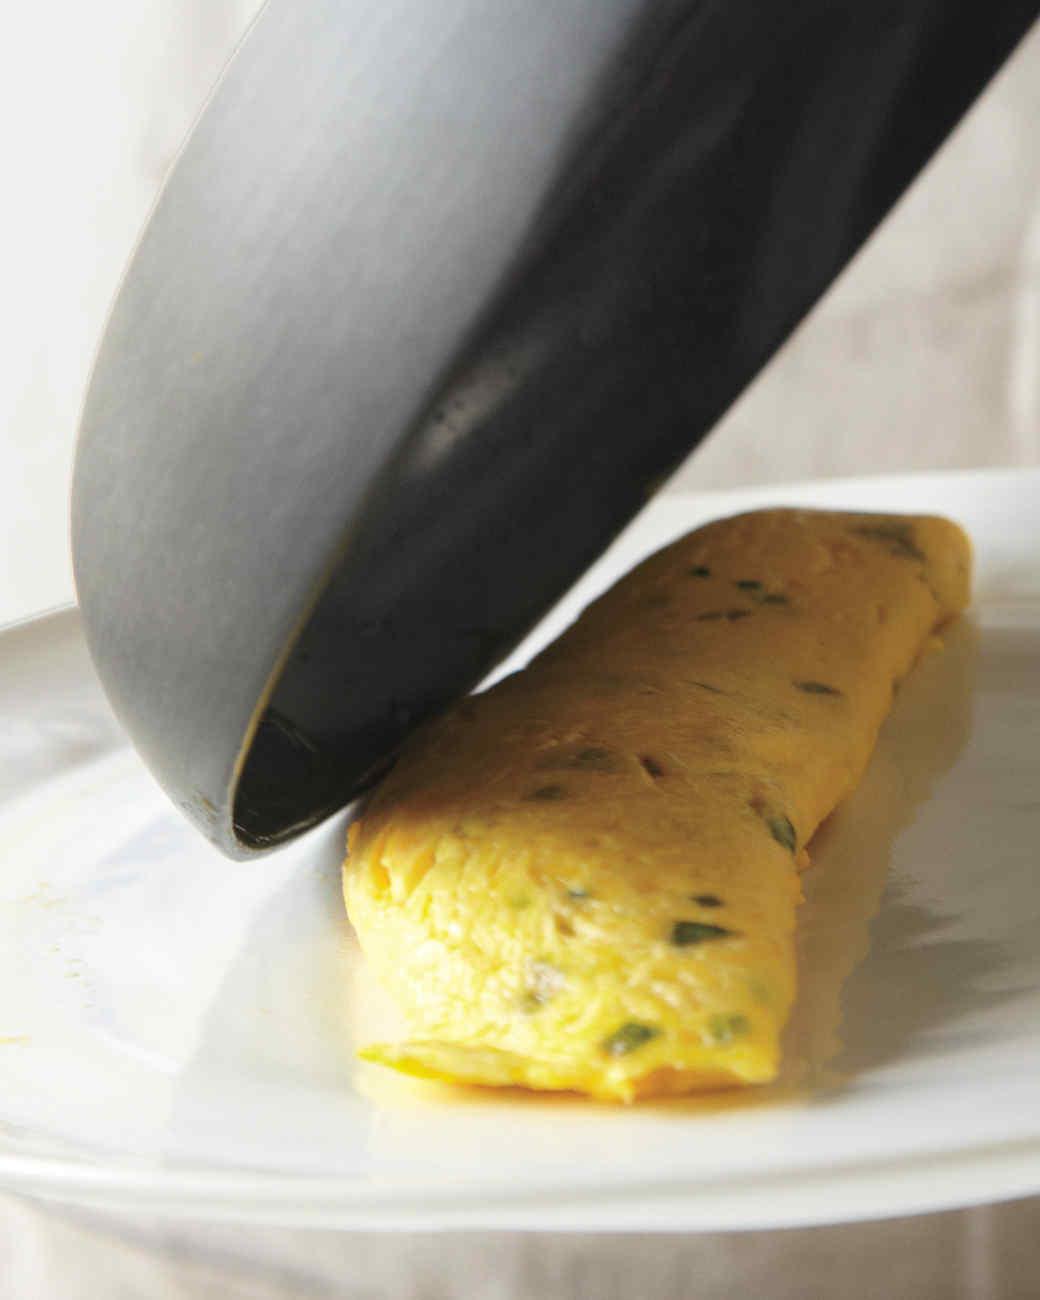 omelet-howto-349-mld110179.jpg